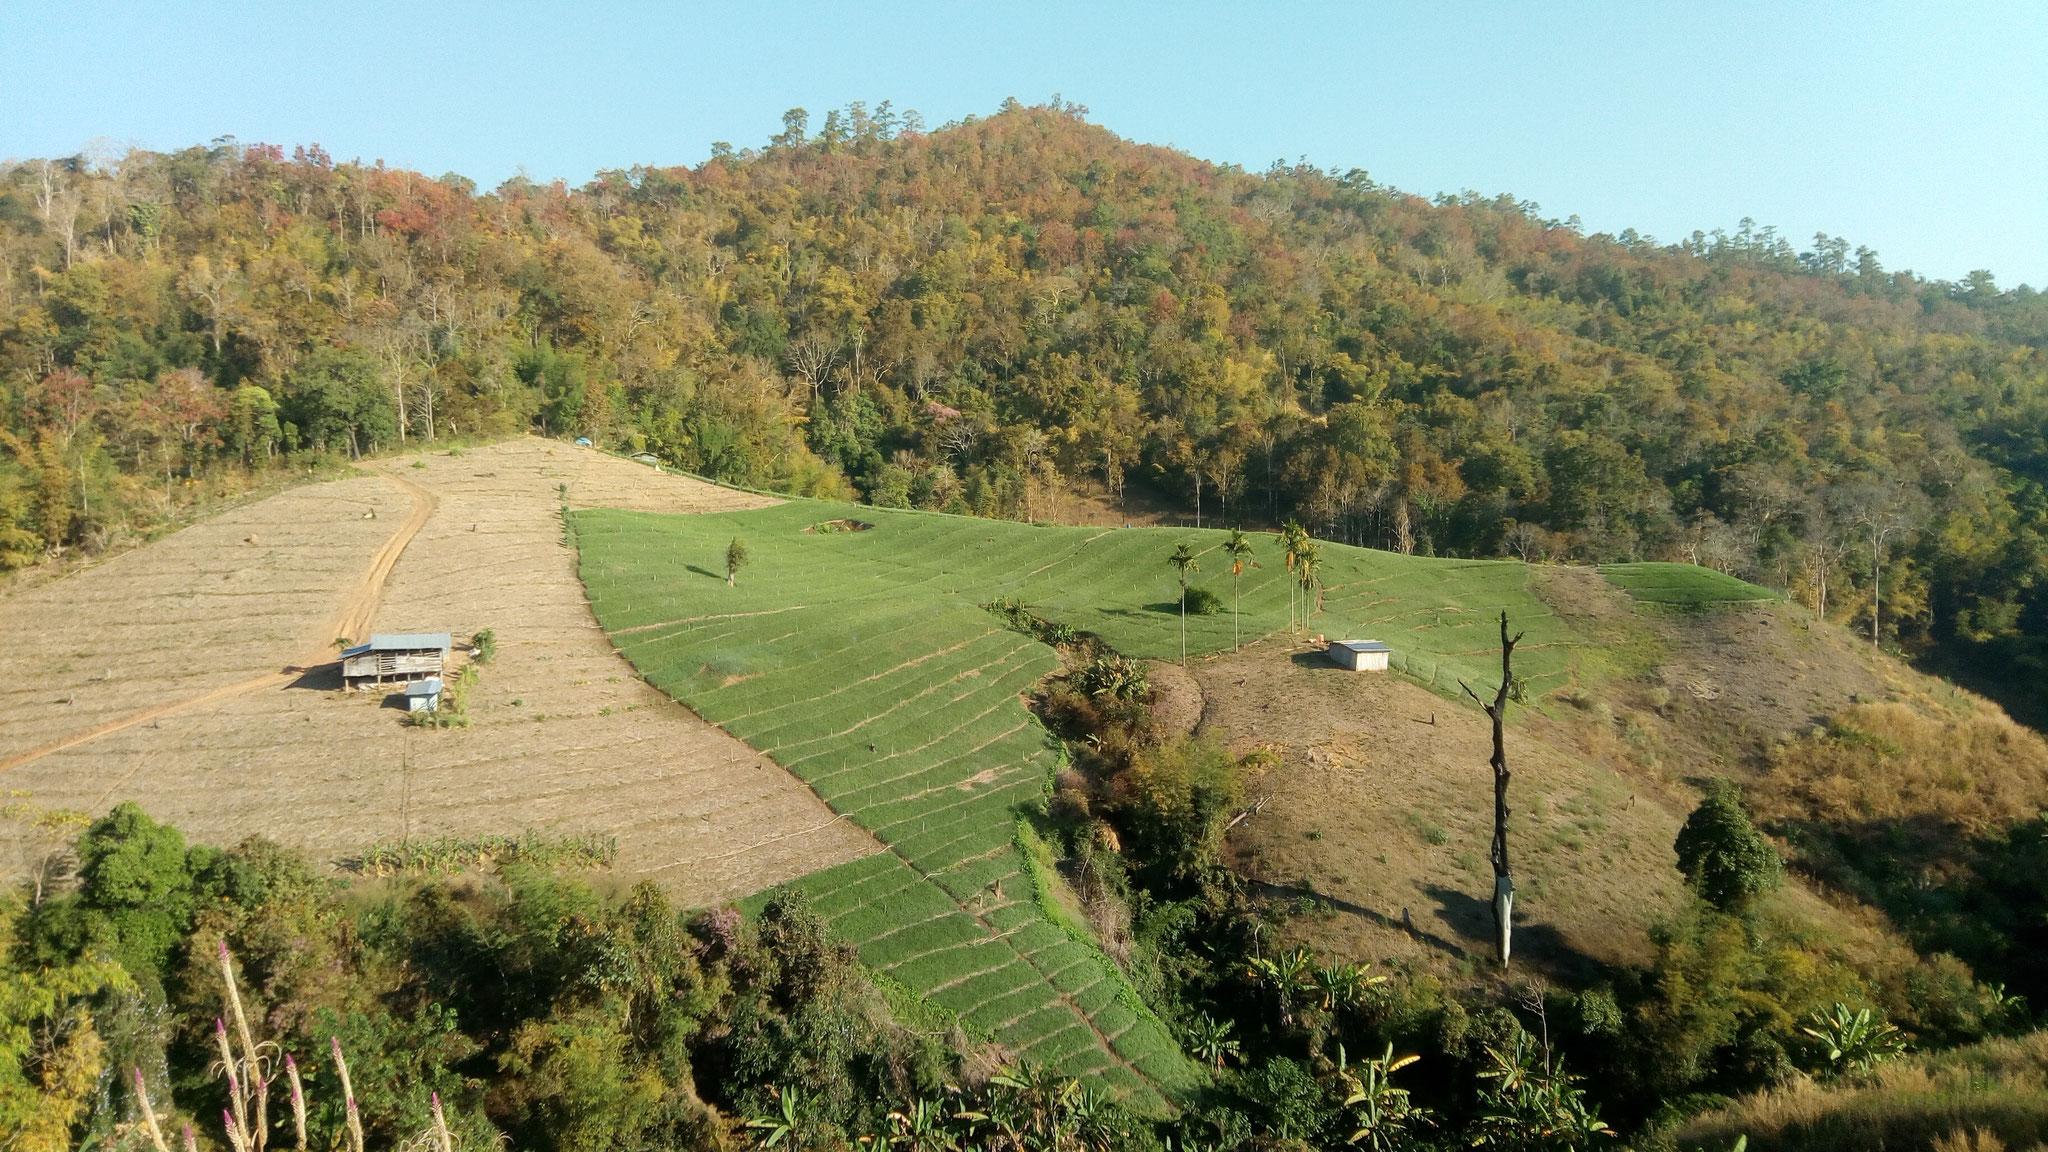 En cette saison seule une partie des plantations est irriguée